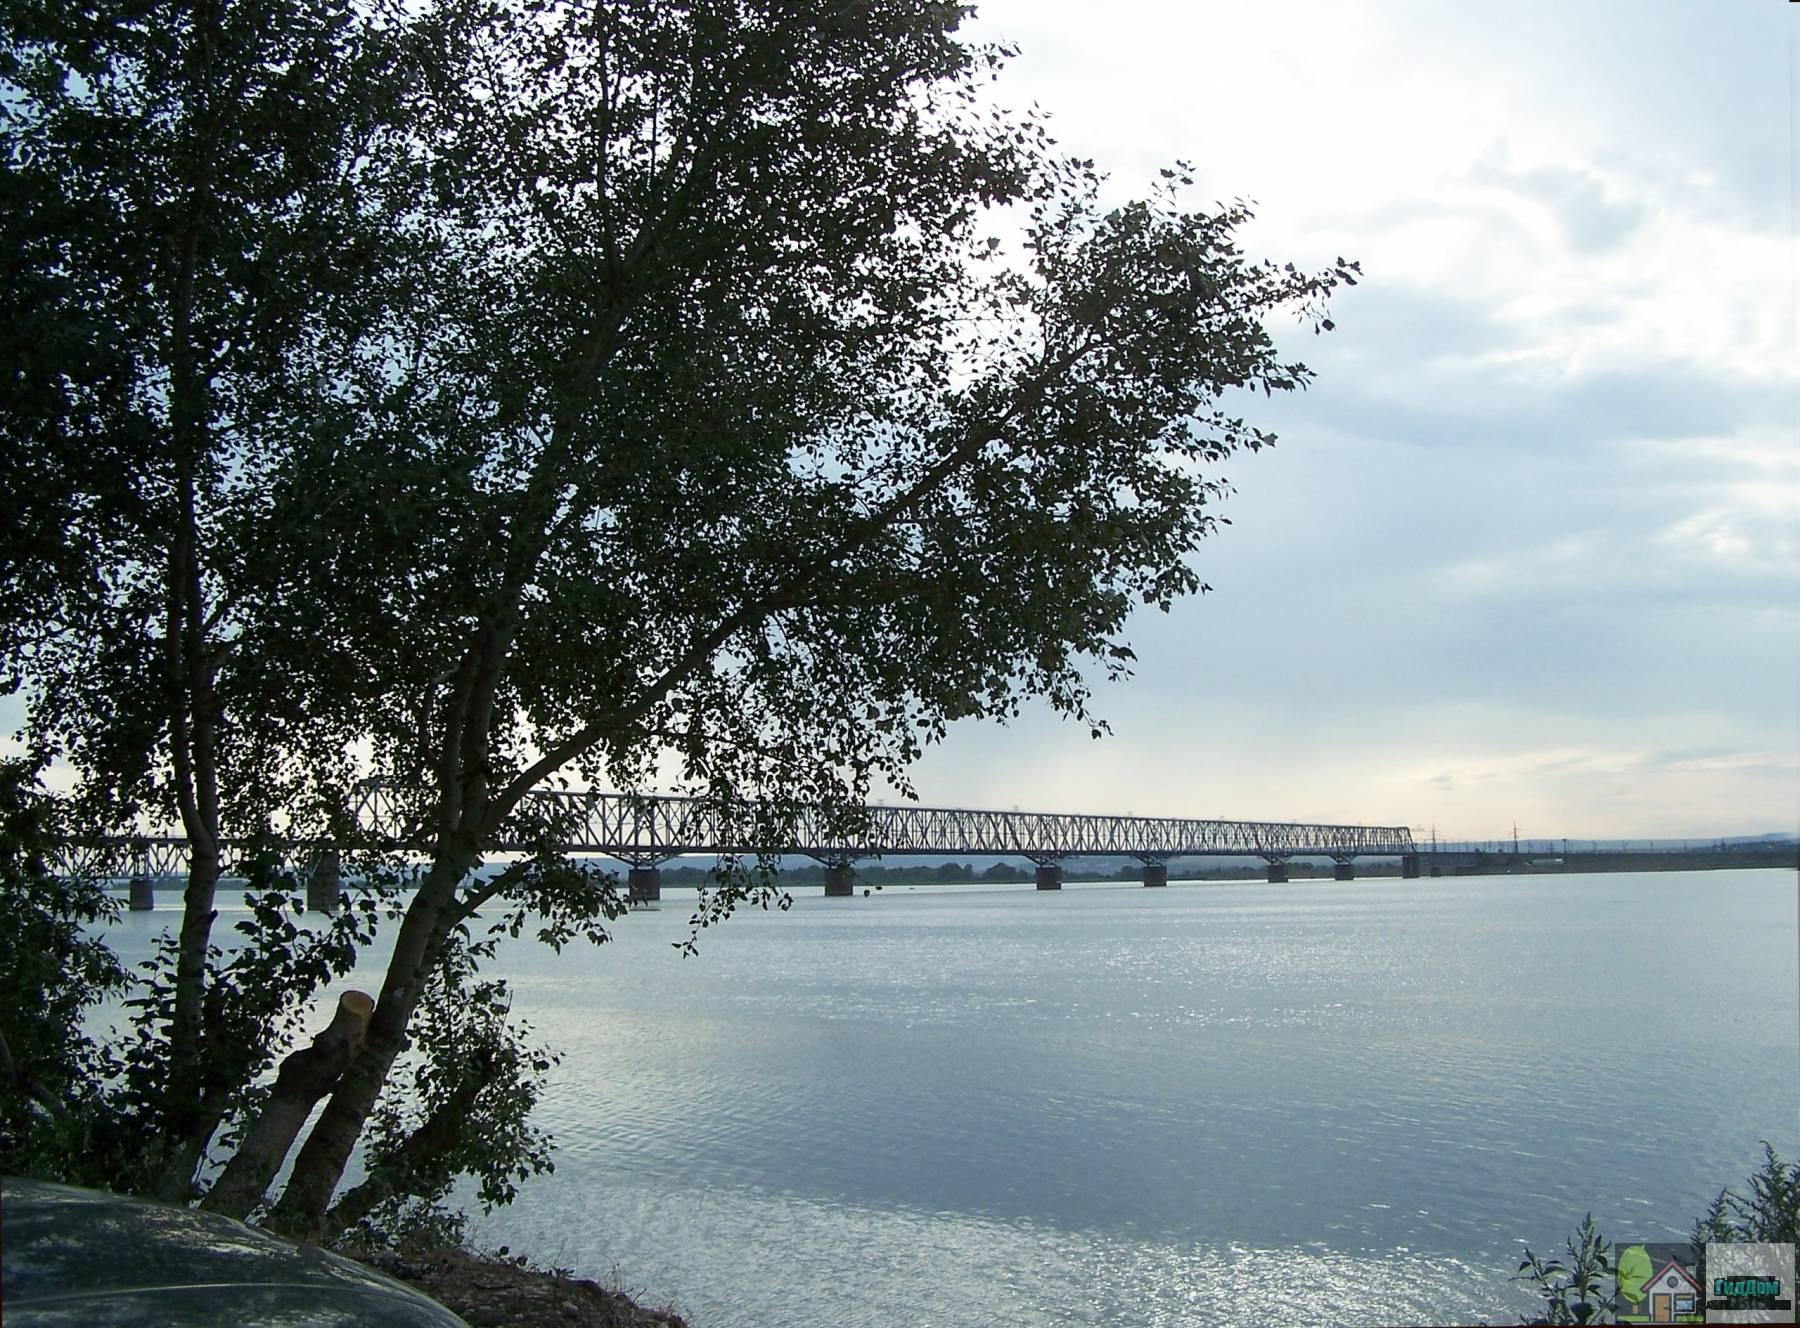 Саратовский железнодорожный мост Файл загружен из открытых источников.